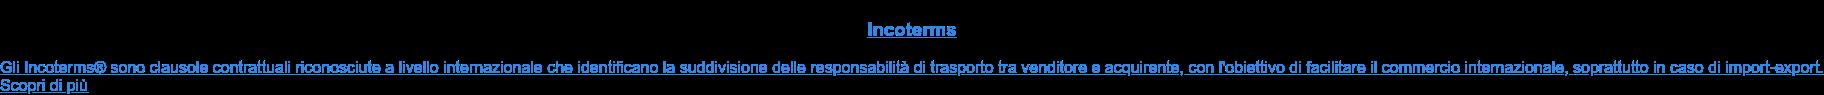 Incoterms  Gli Incoterms sono clausole contrattuali riconosciute a livello  internazionale che identificano la suddivisione delle responsabilità di  trasporto tra venditore e acquirente, con l'obiettivo di facilitare il  commercio internazionale, soprattutto in caso di import-export. Scopri di più